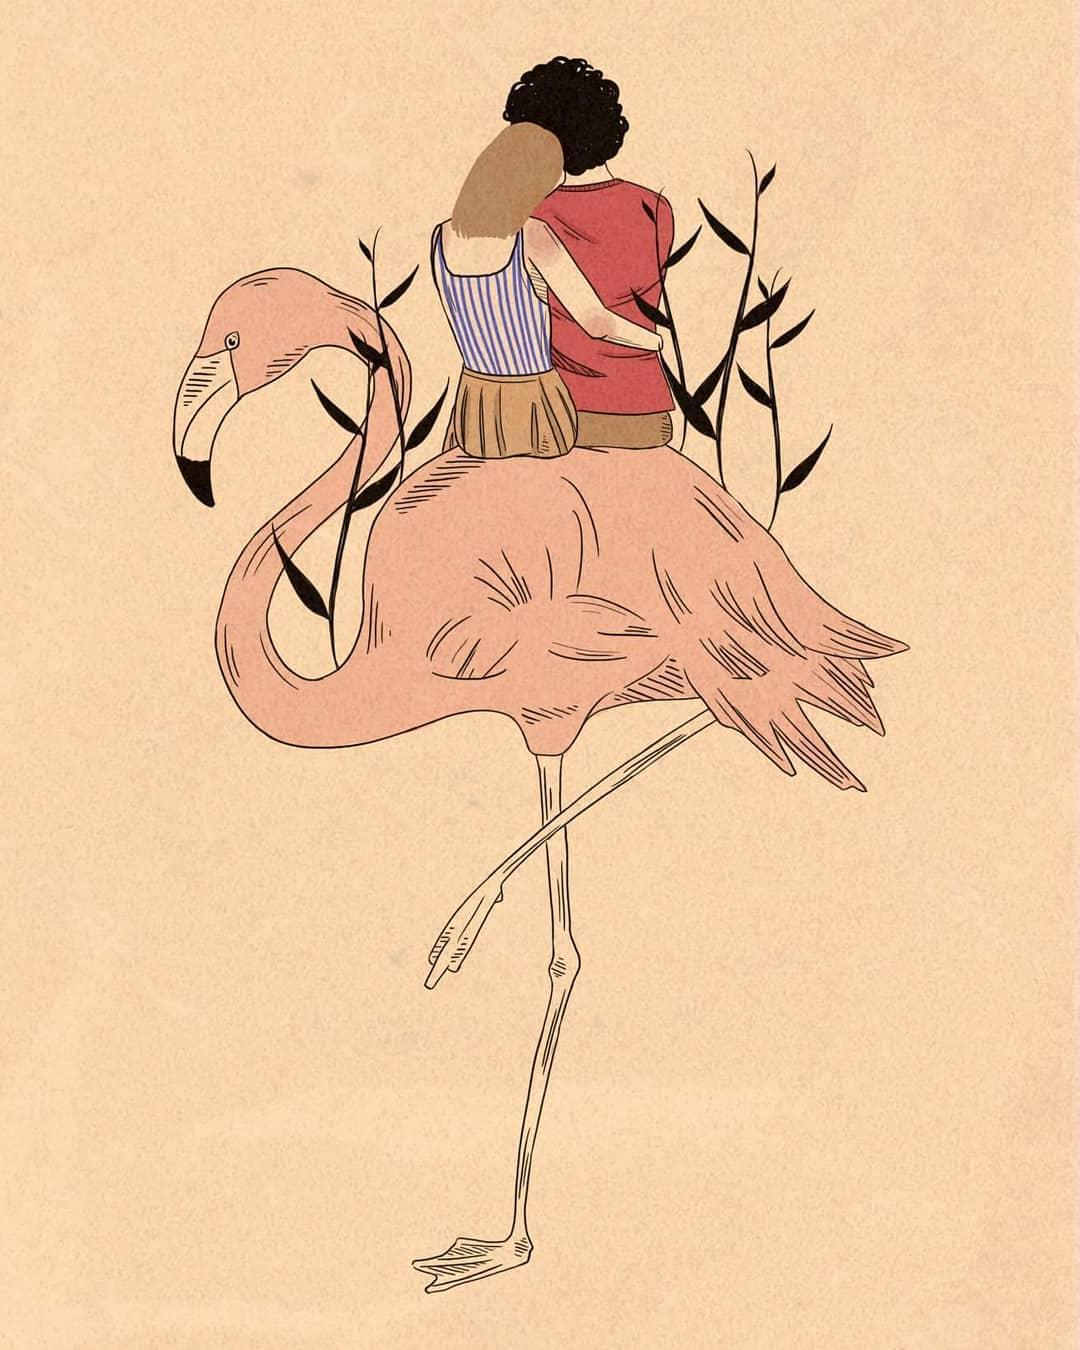 Colori caldi ed intimità nelle illustrazioni di Martina Francone | Collater.al 12